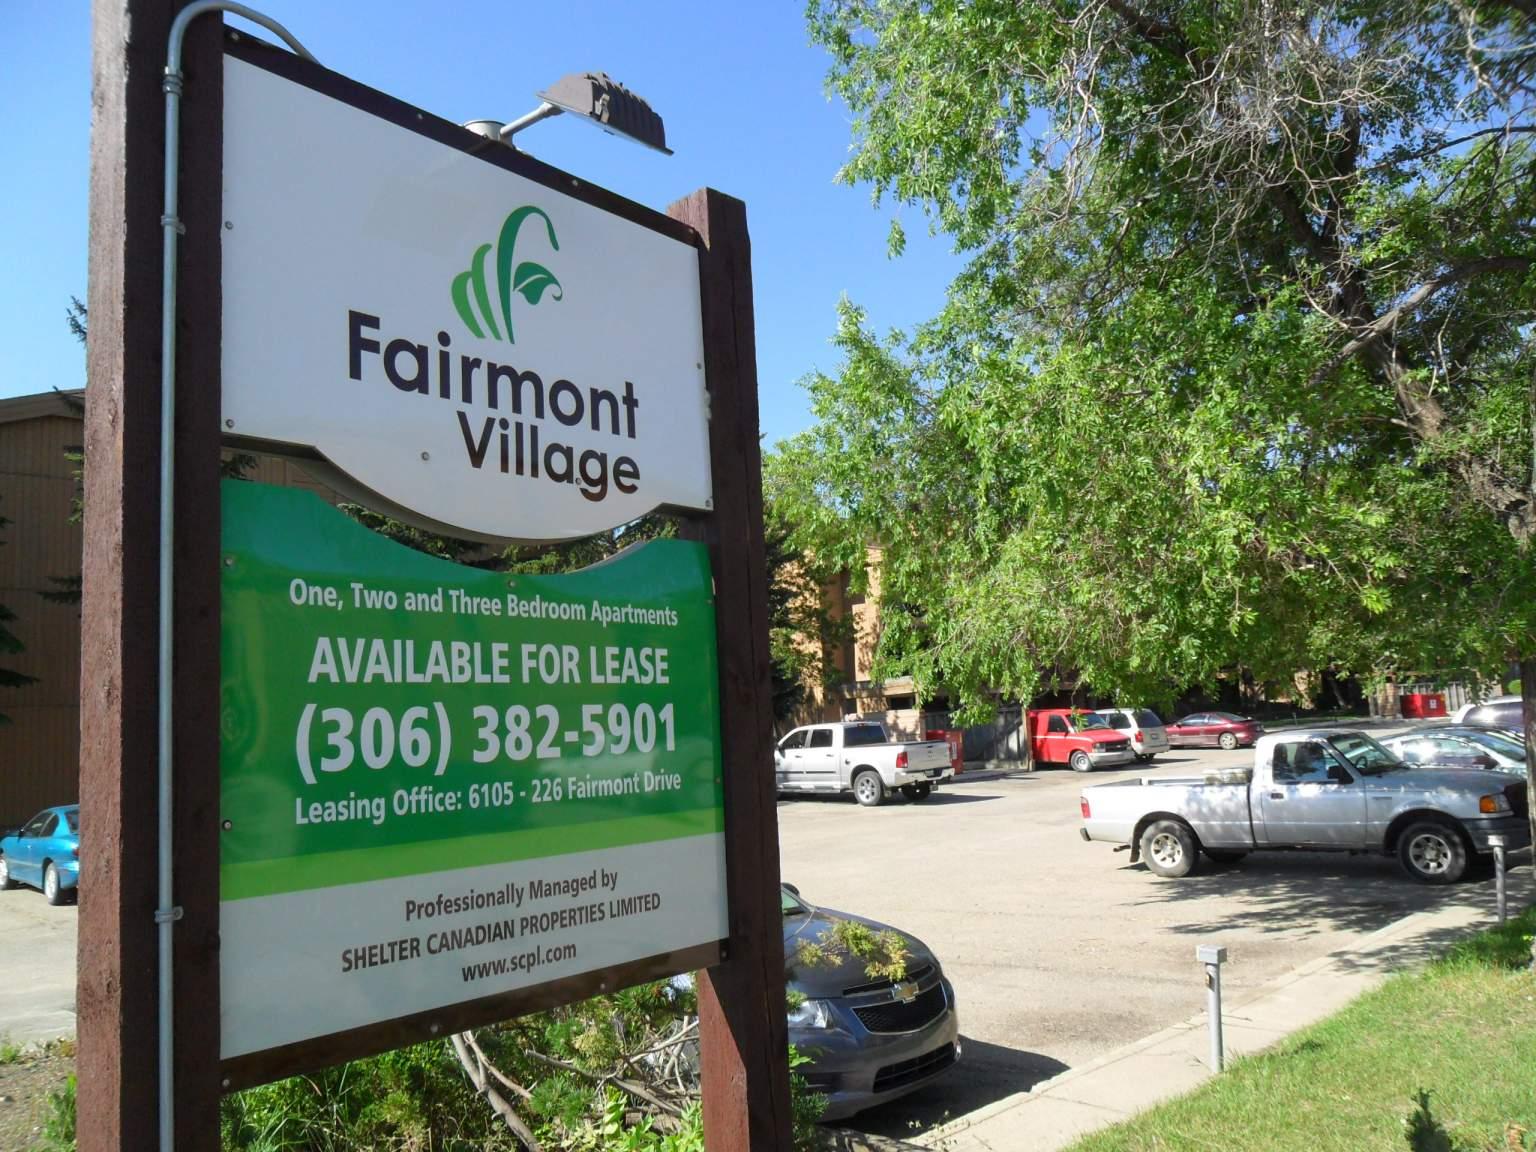 Fairmont Village